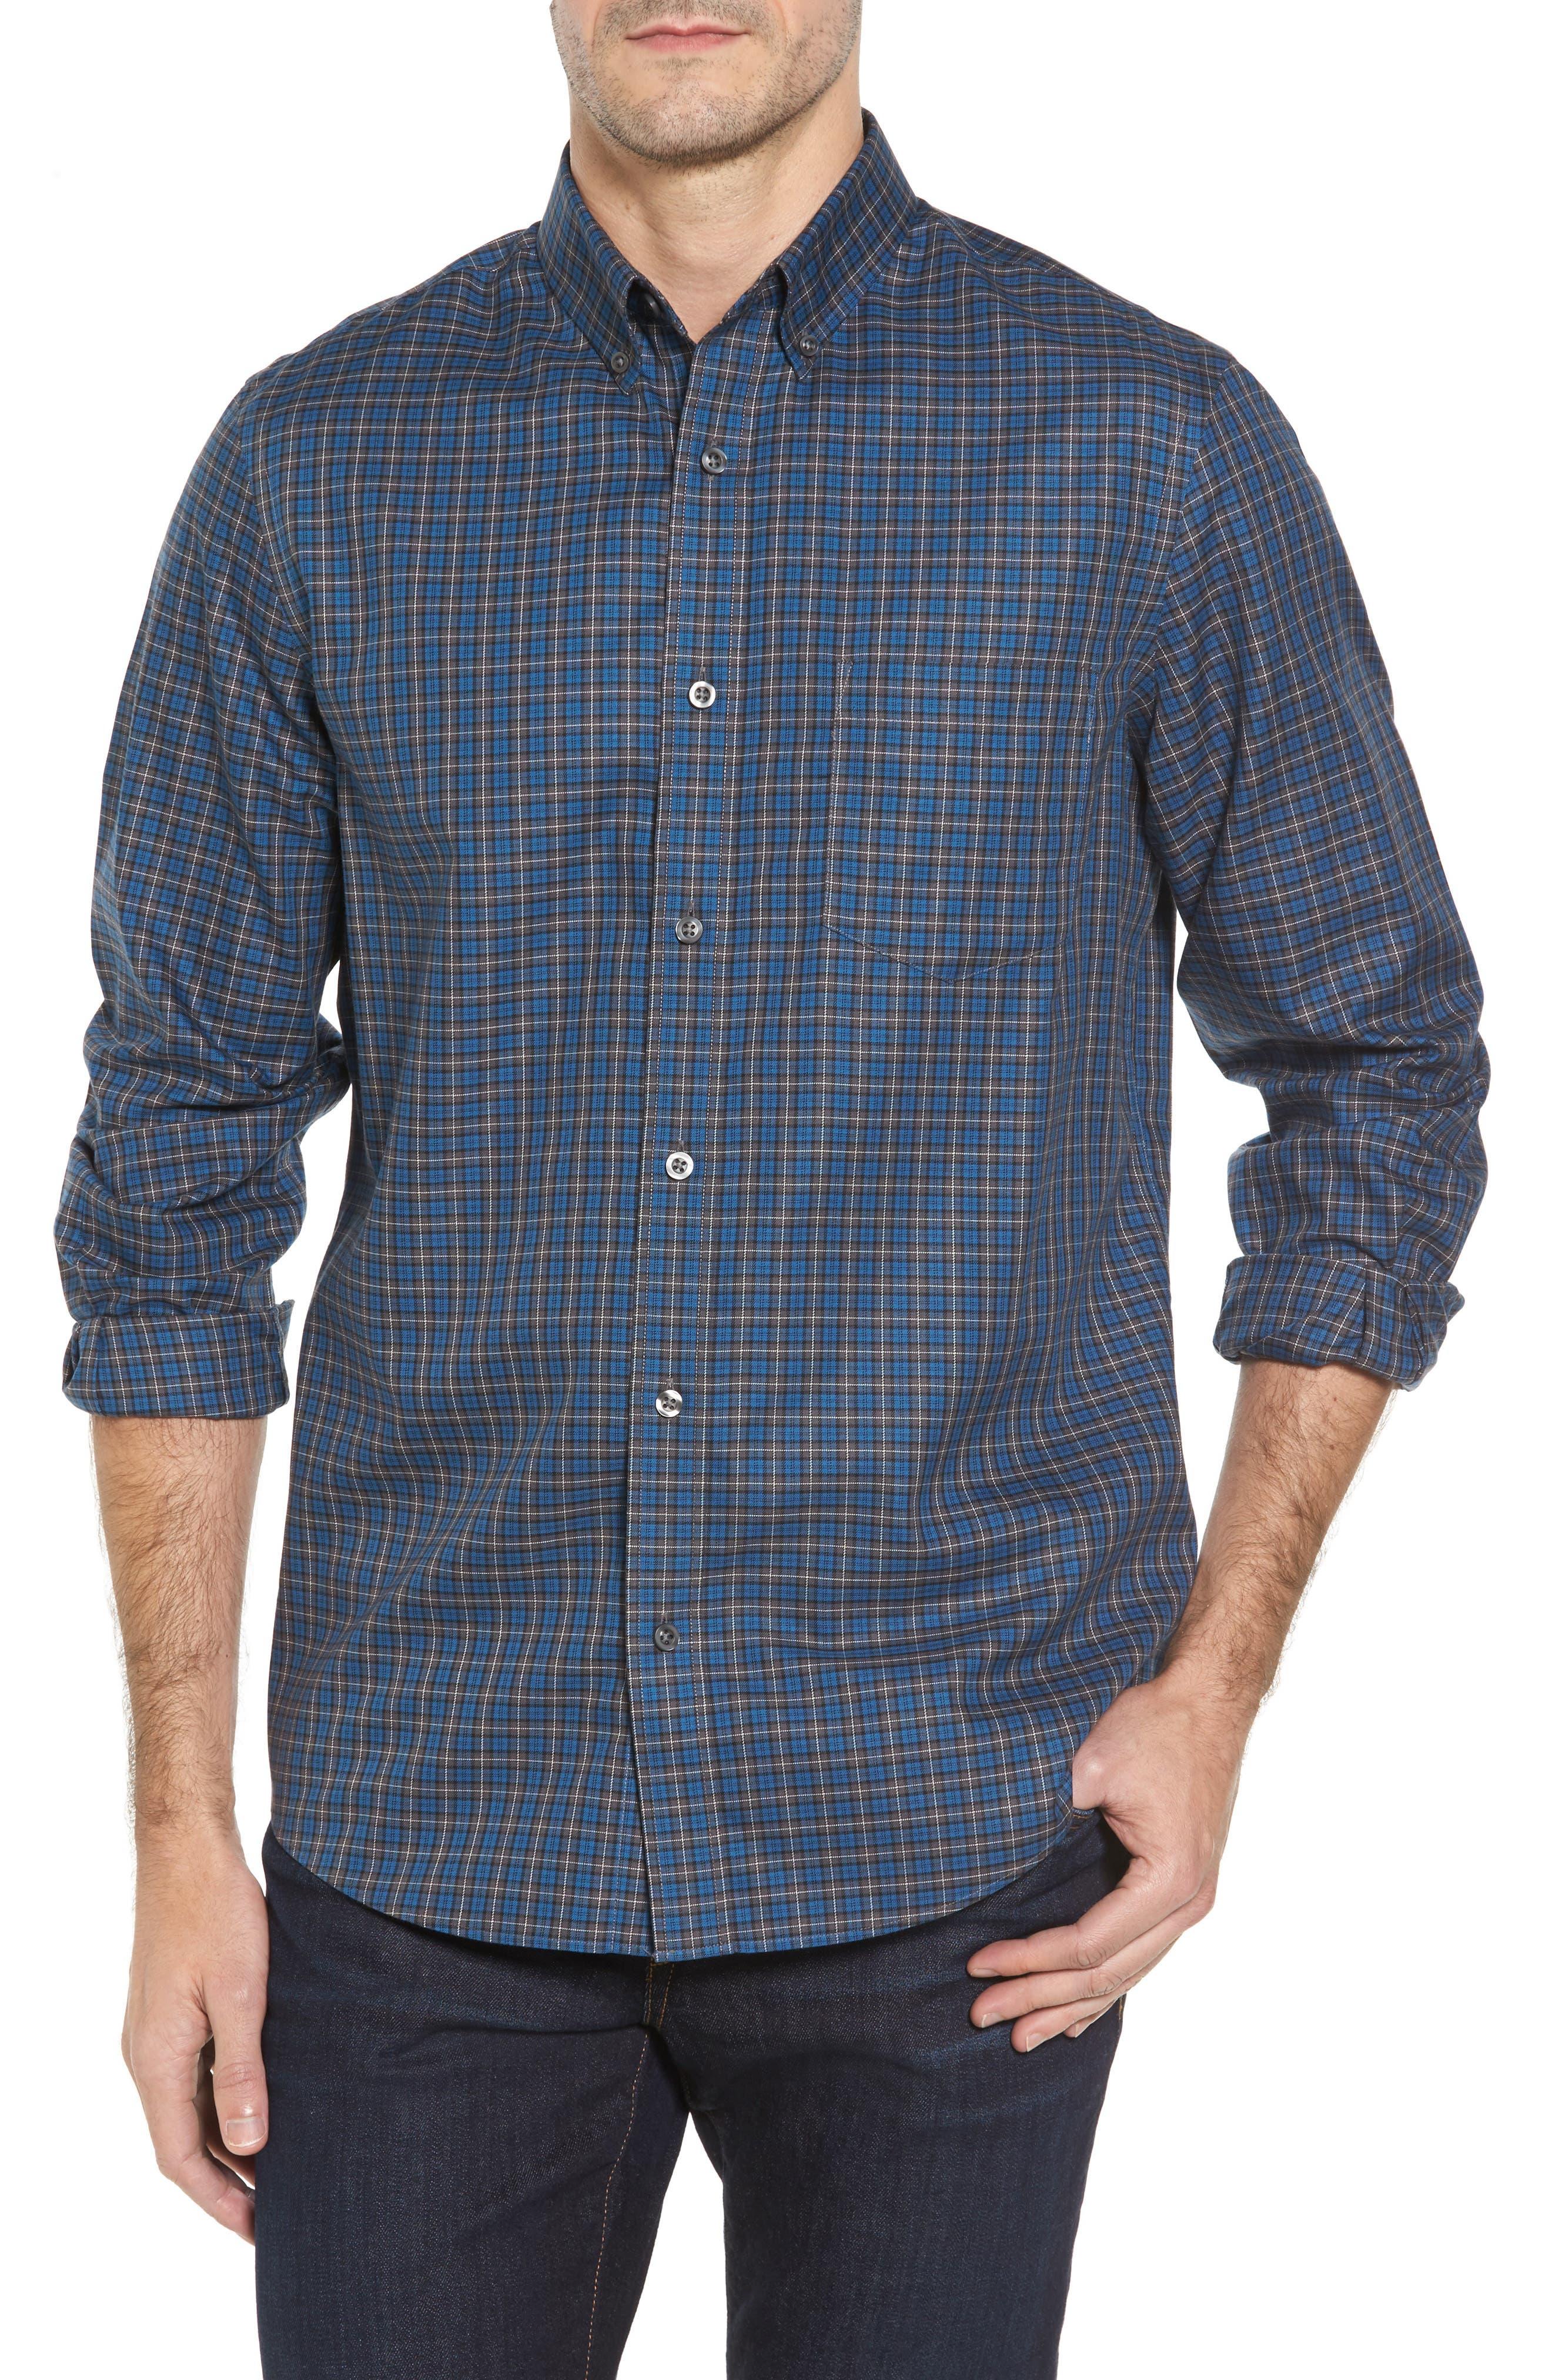 Alternate Image 1 Selected - Nordstrom Men's Shop Smartcare™ Regular Fit Plaid Sport Shirt